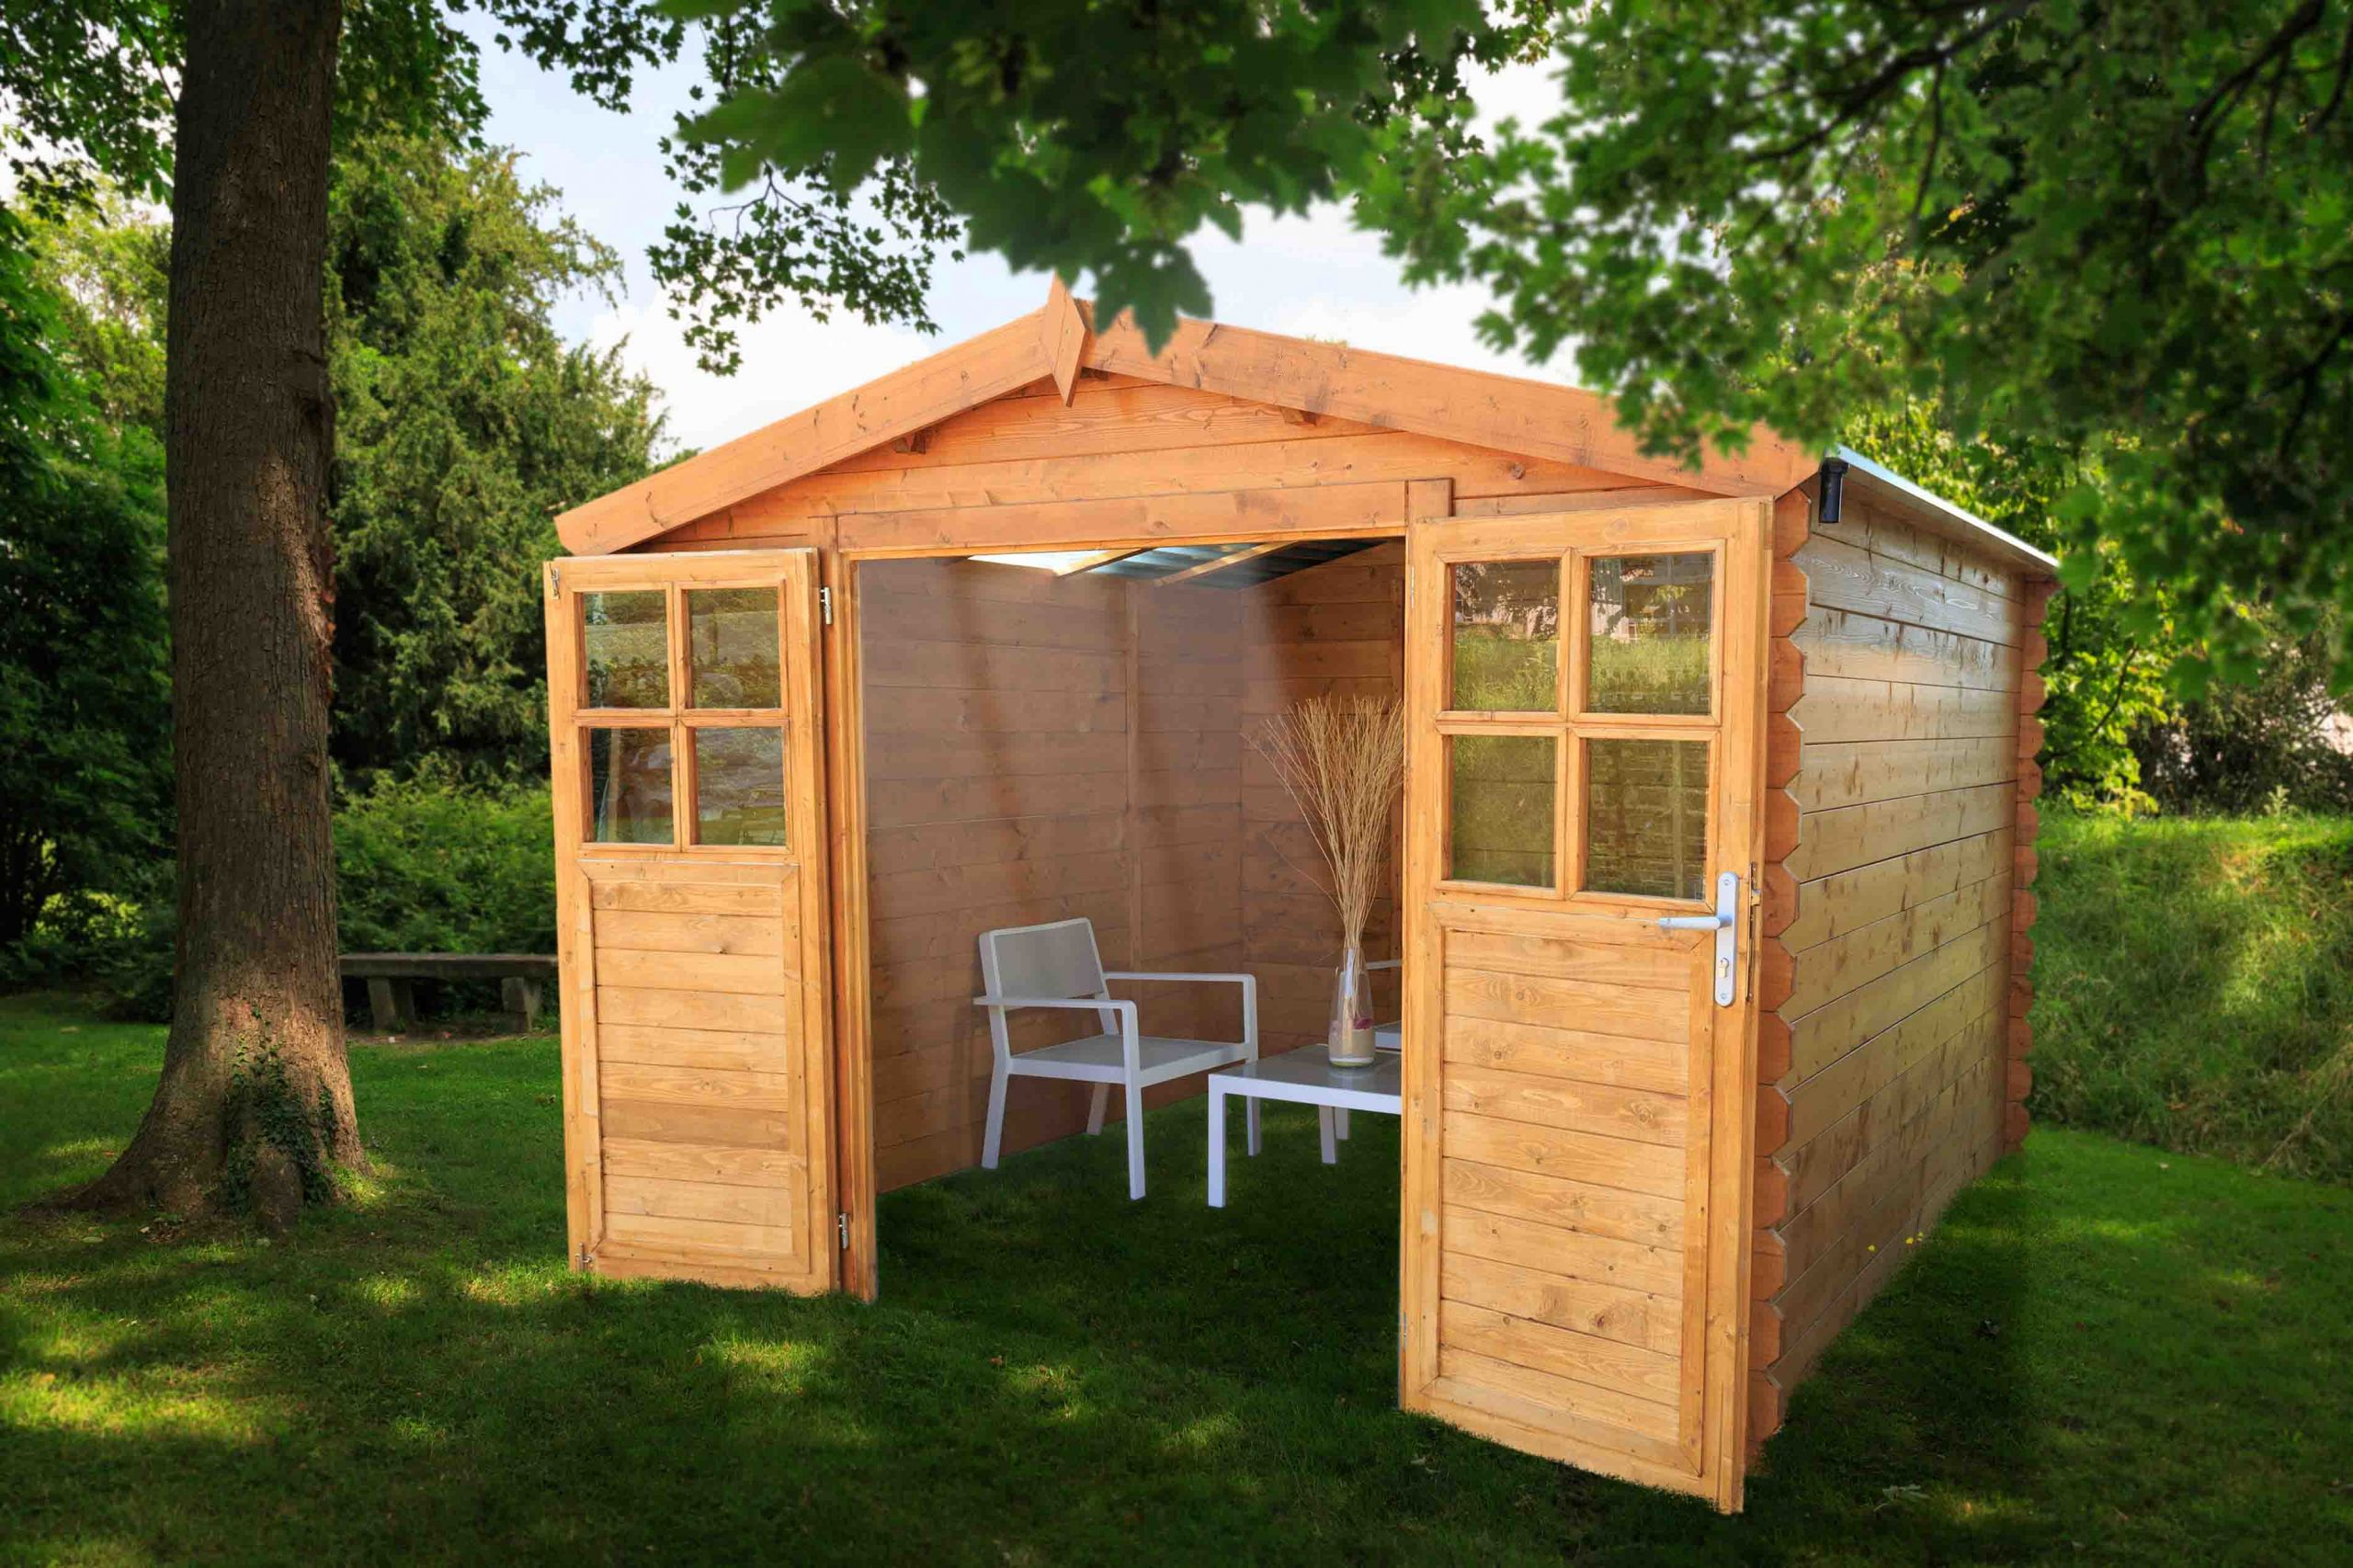 Destockage Abri De Jardin Abri De Jardin En Bois soleil 3x3 Avec toit Transparent